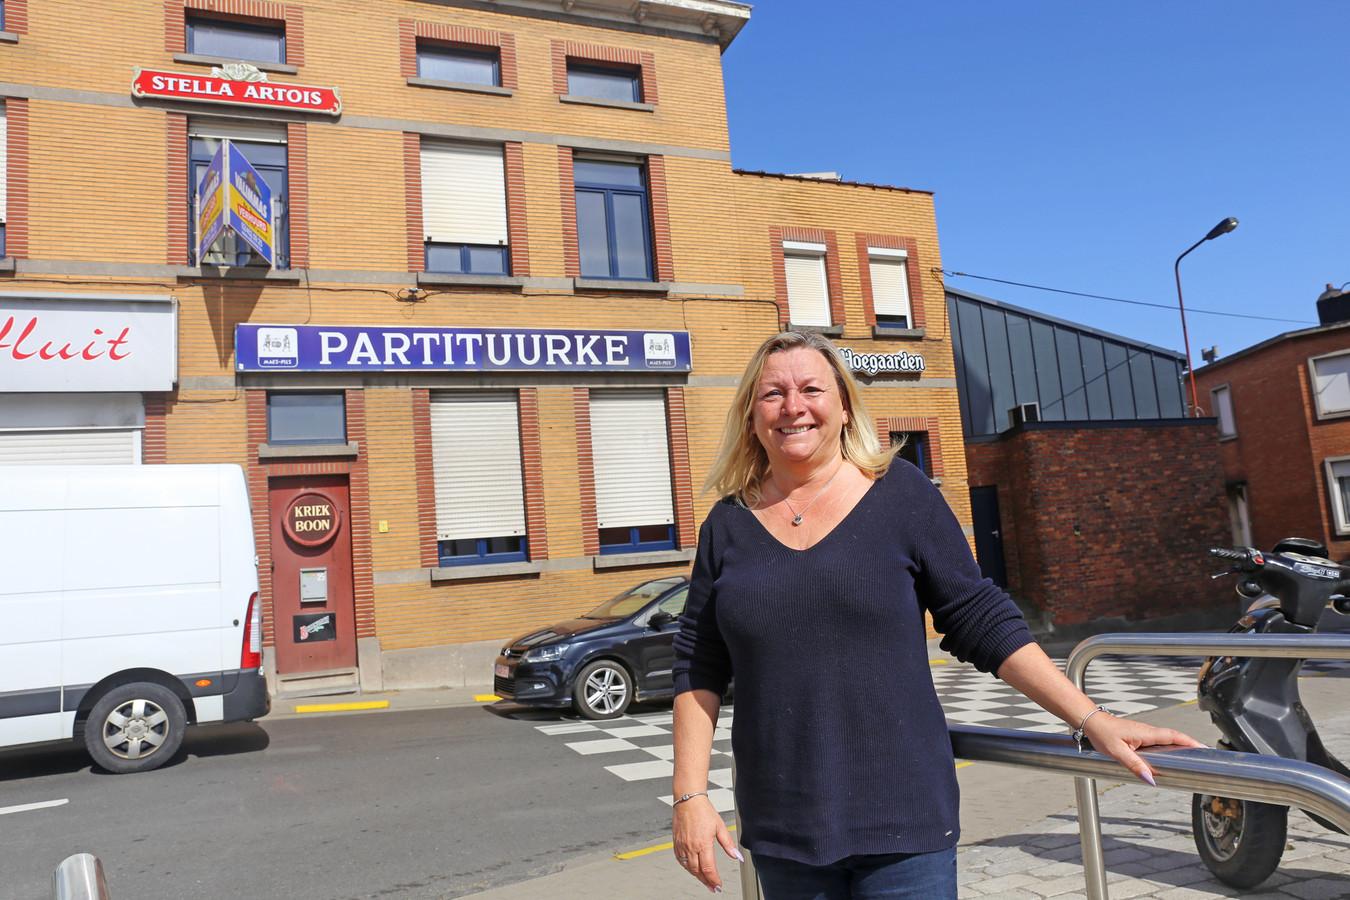 Sylvie Muyldermans wordt vanaf zaterdag de nieuwe cafébazin van 't Partituurke.